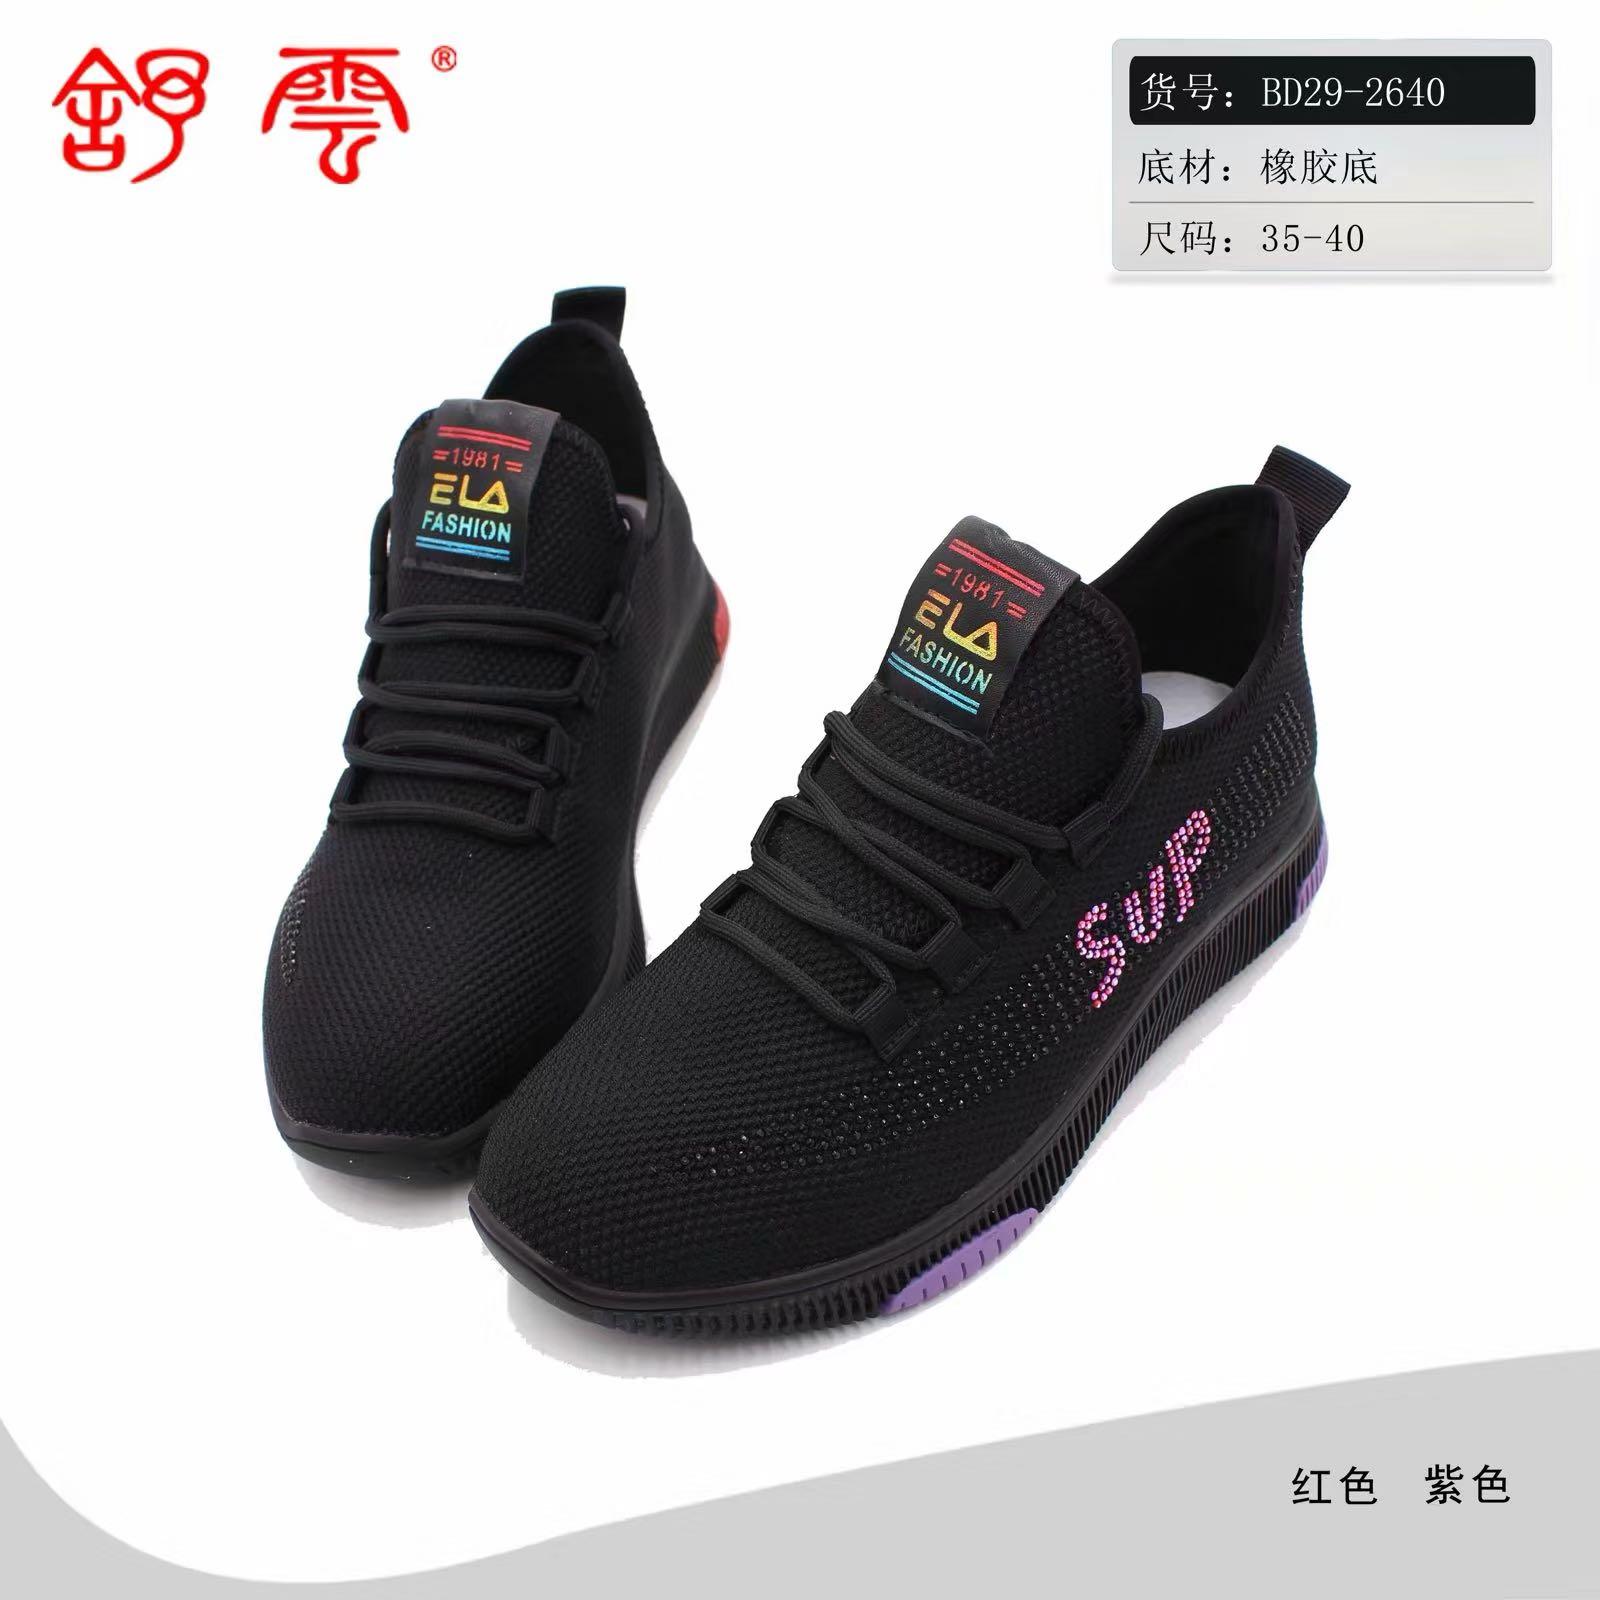 舒云老北京布鞋女士椰子款套脚2020春季新品飞织面料透气舒适